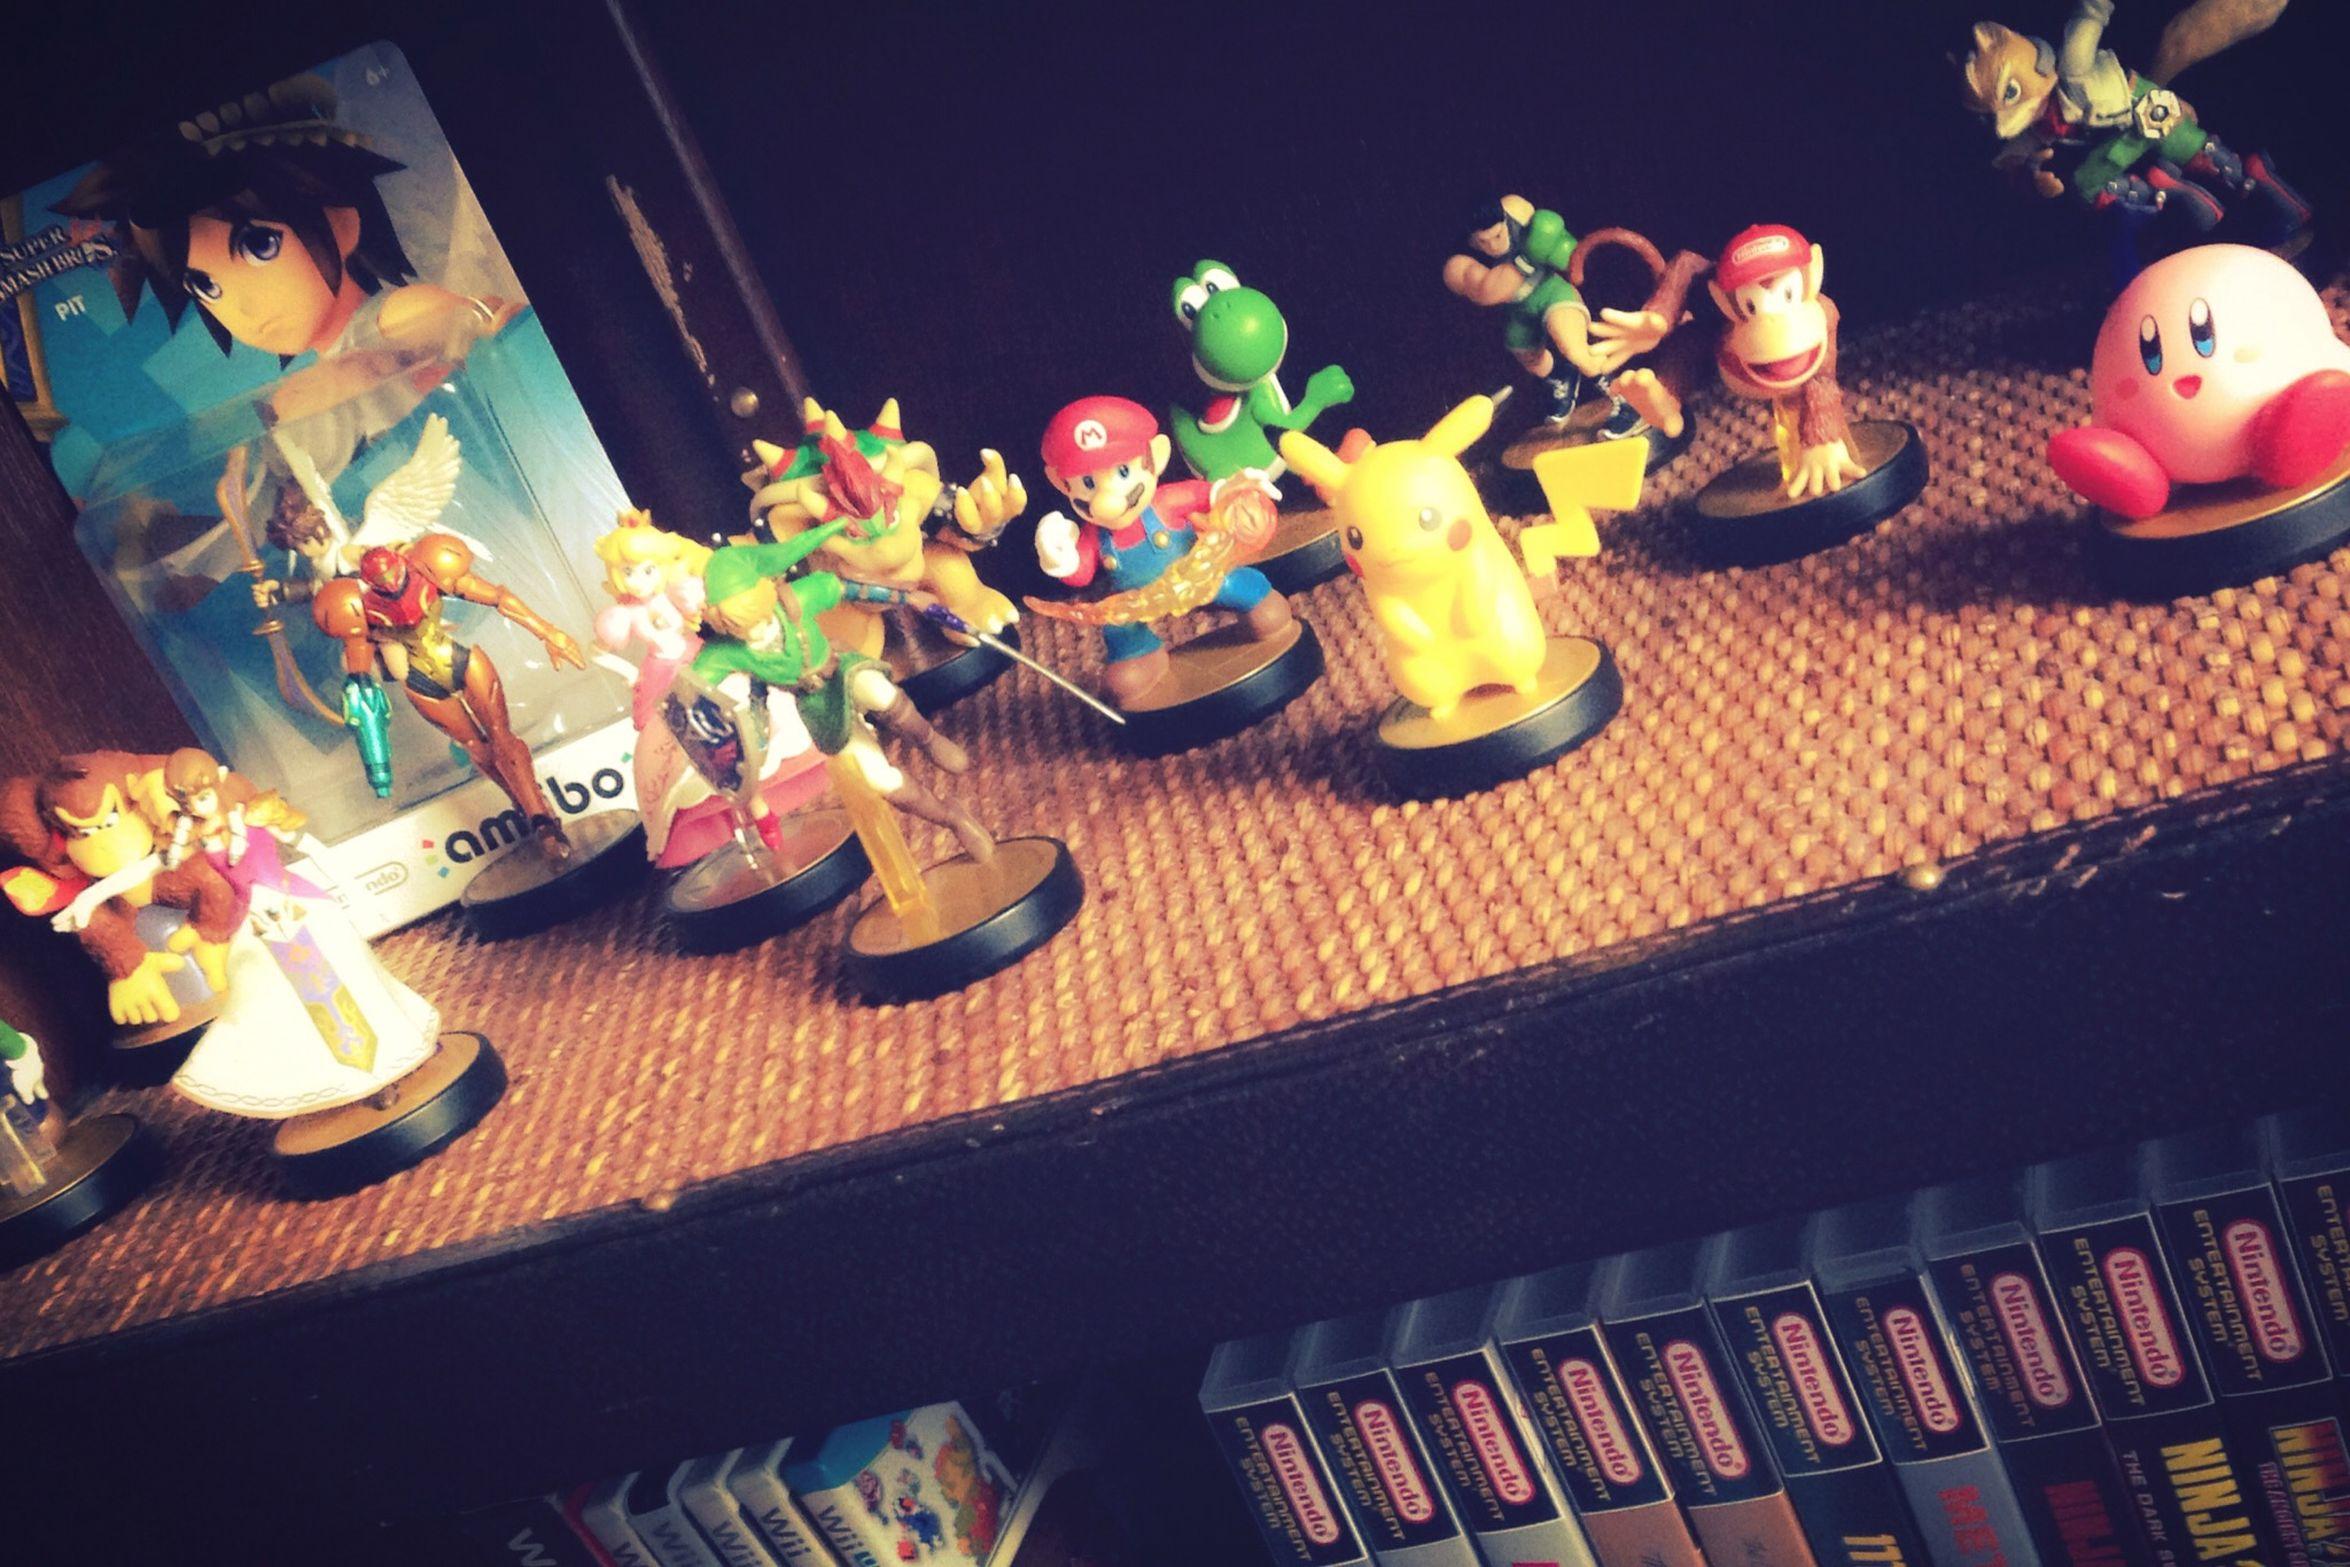 Amiibos Nintendo Amiibo Amiibos Nintendolife Supermario Metroid Legend Of Zelda Kid Icarus Donkey Kong